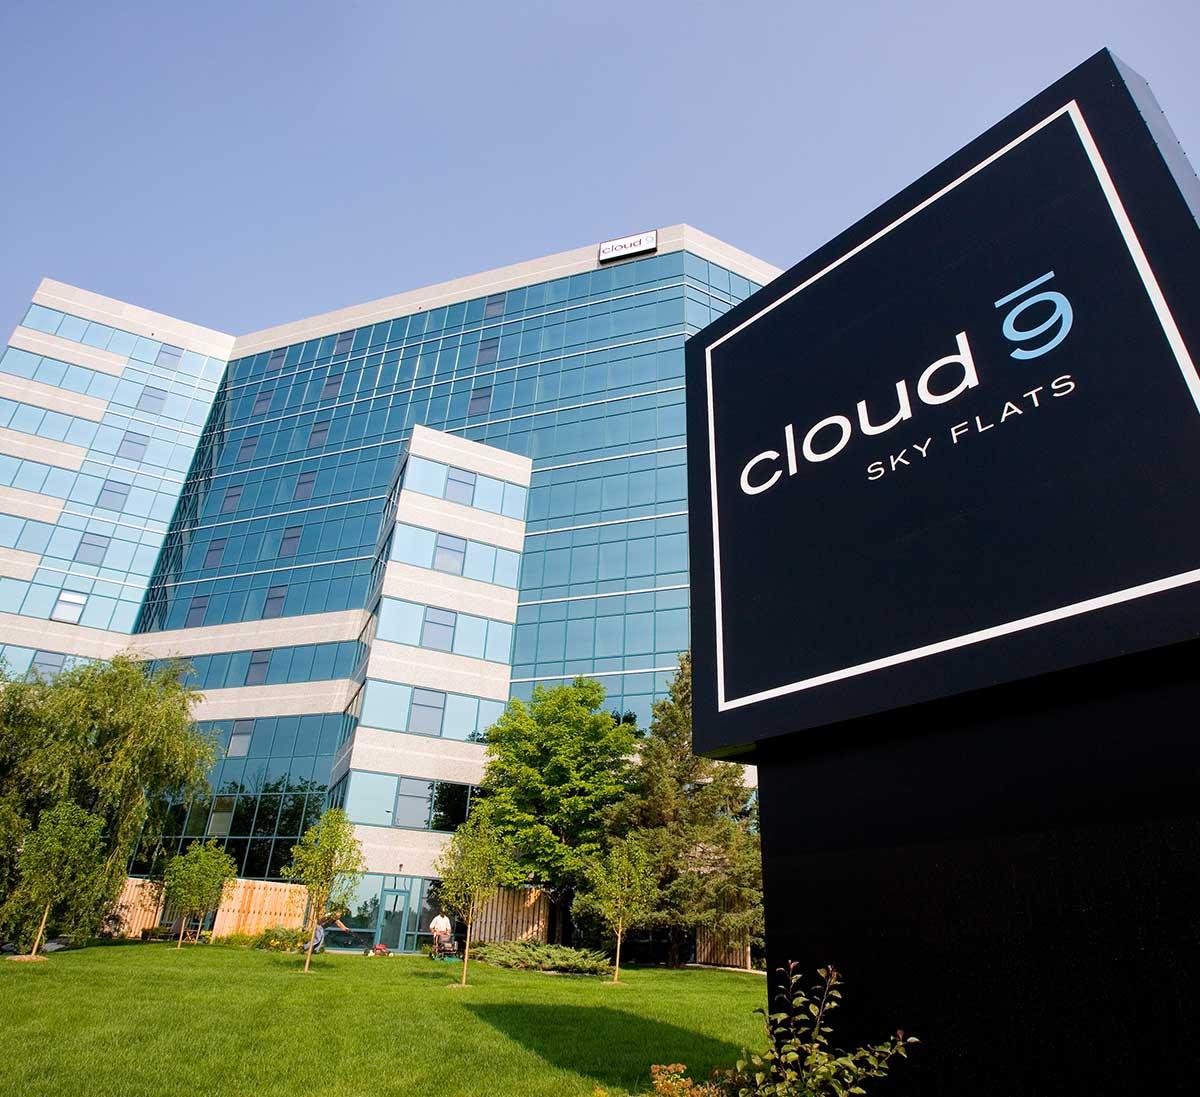 Cloud-9-Sky-Flats